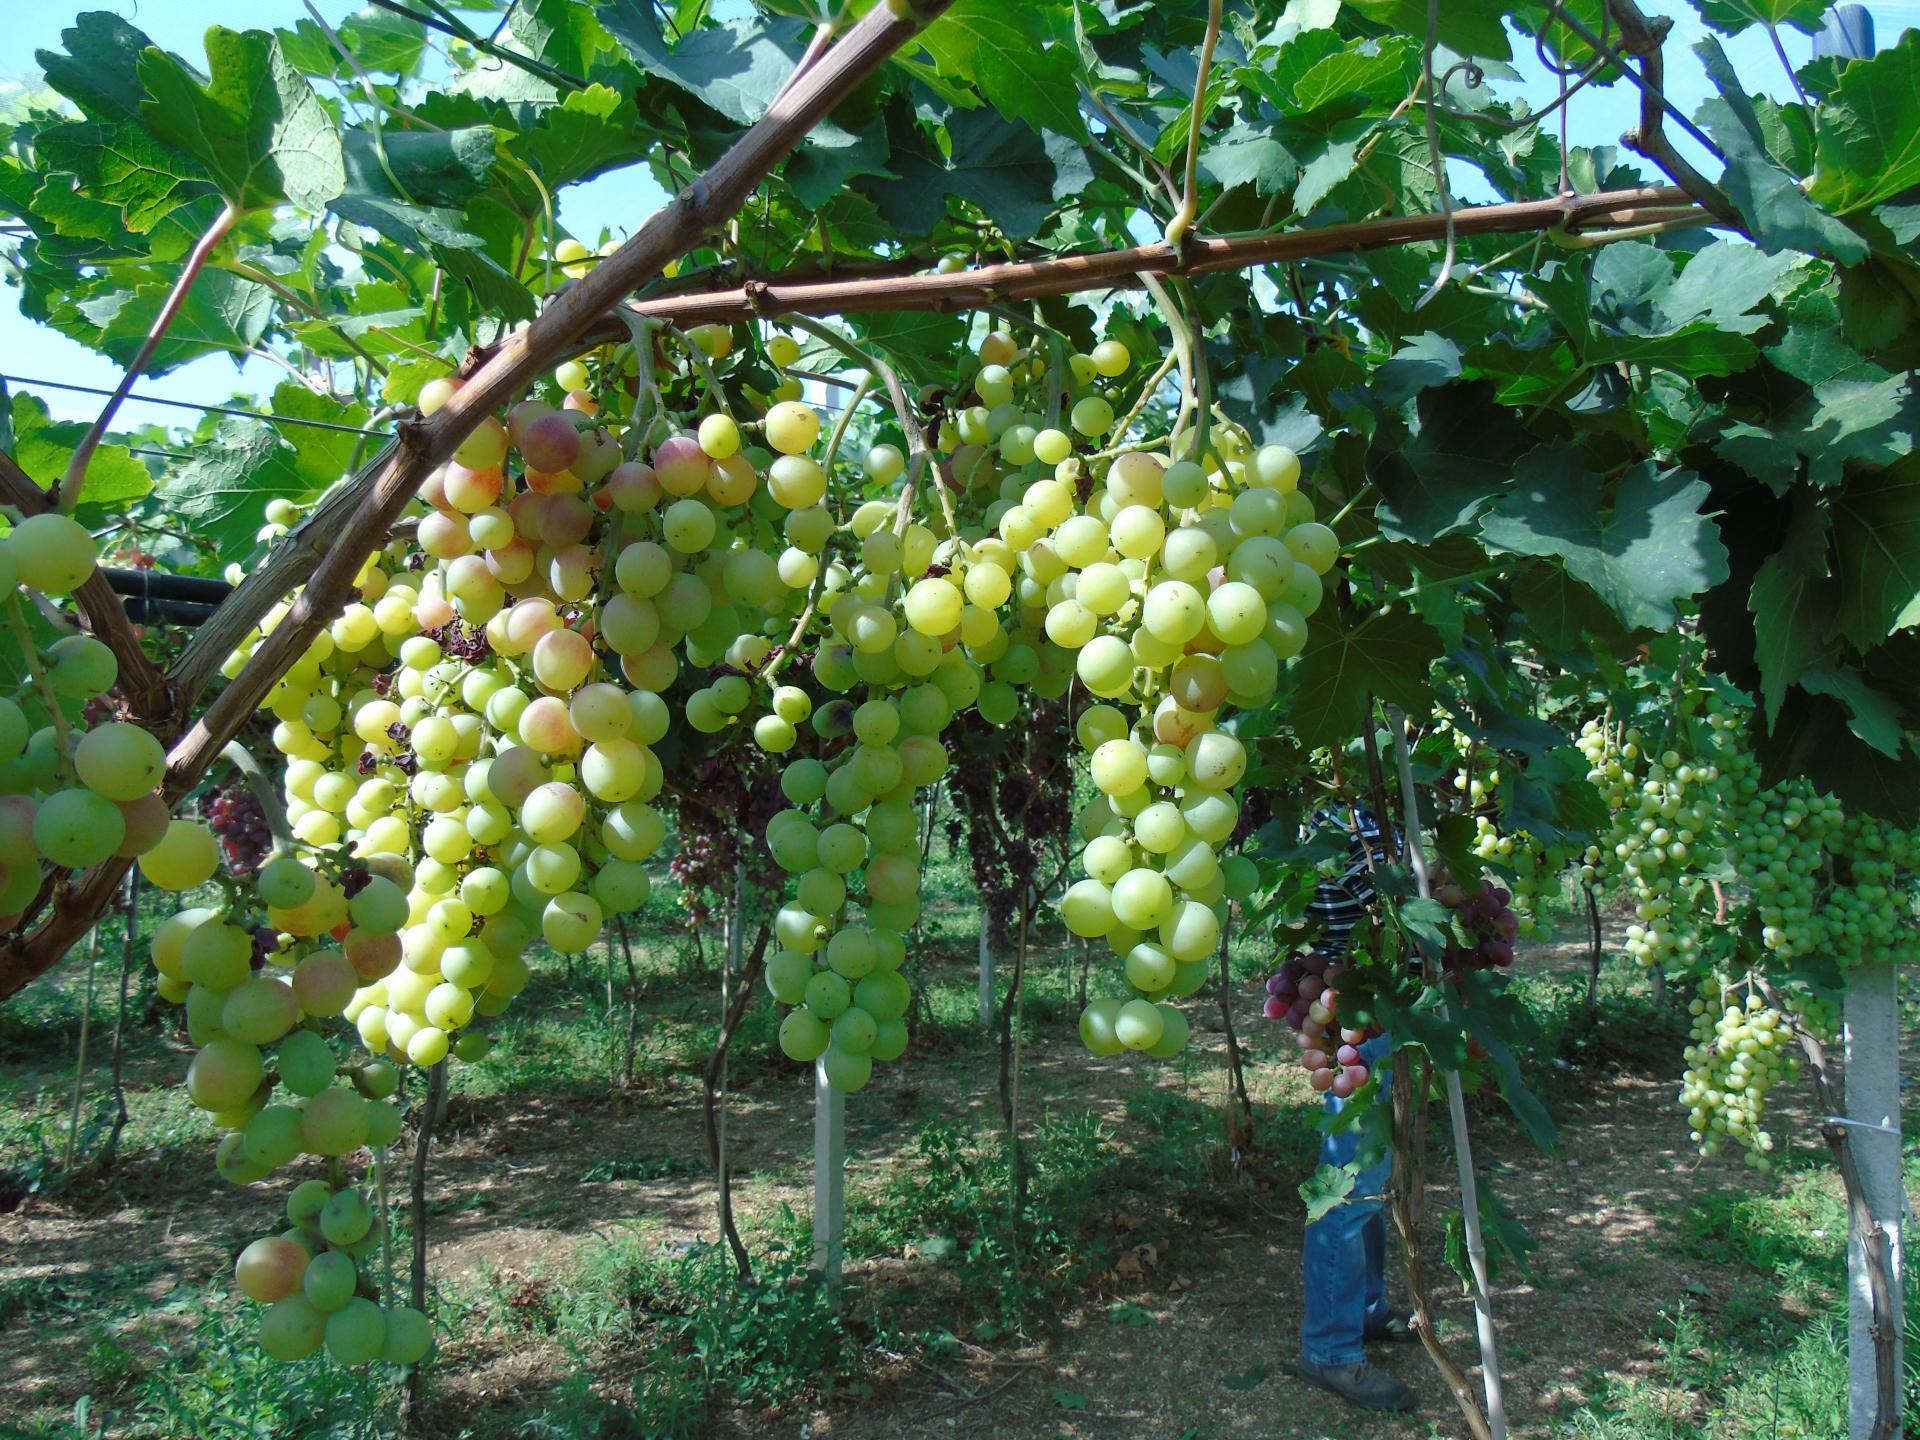 L'uva che non diventa vino